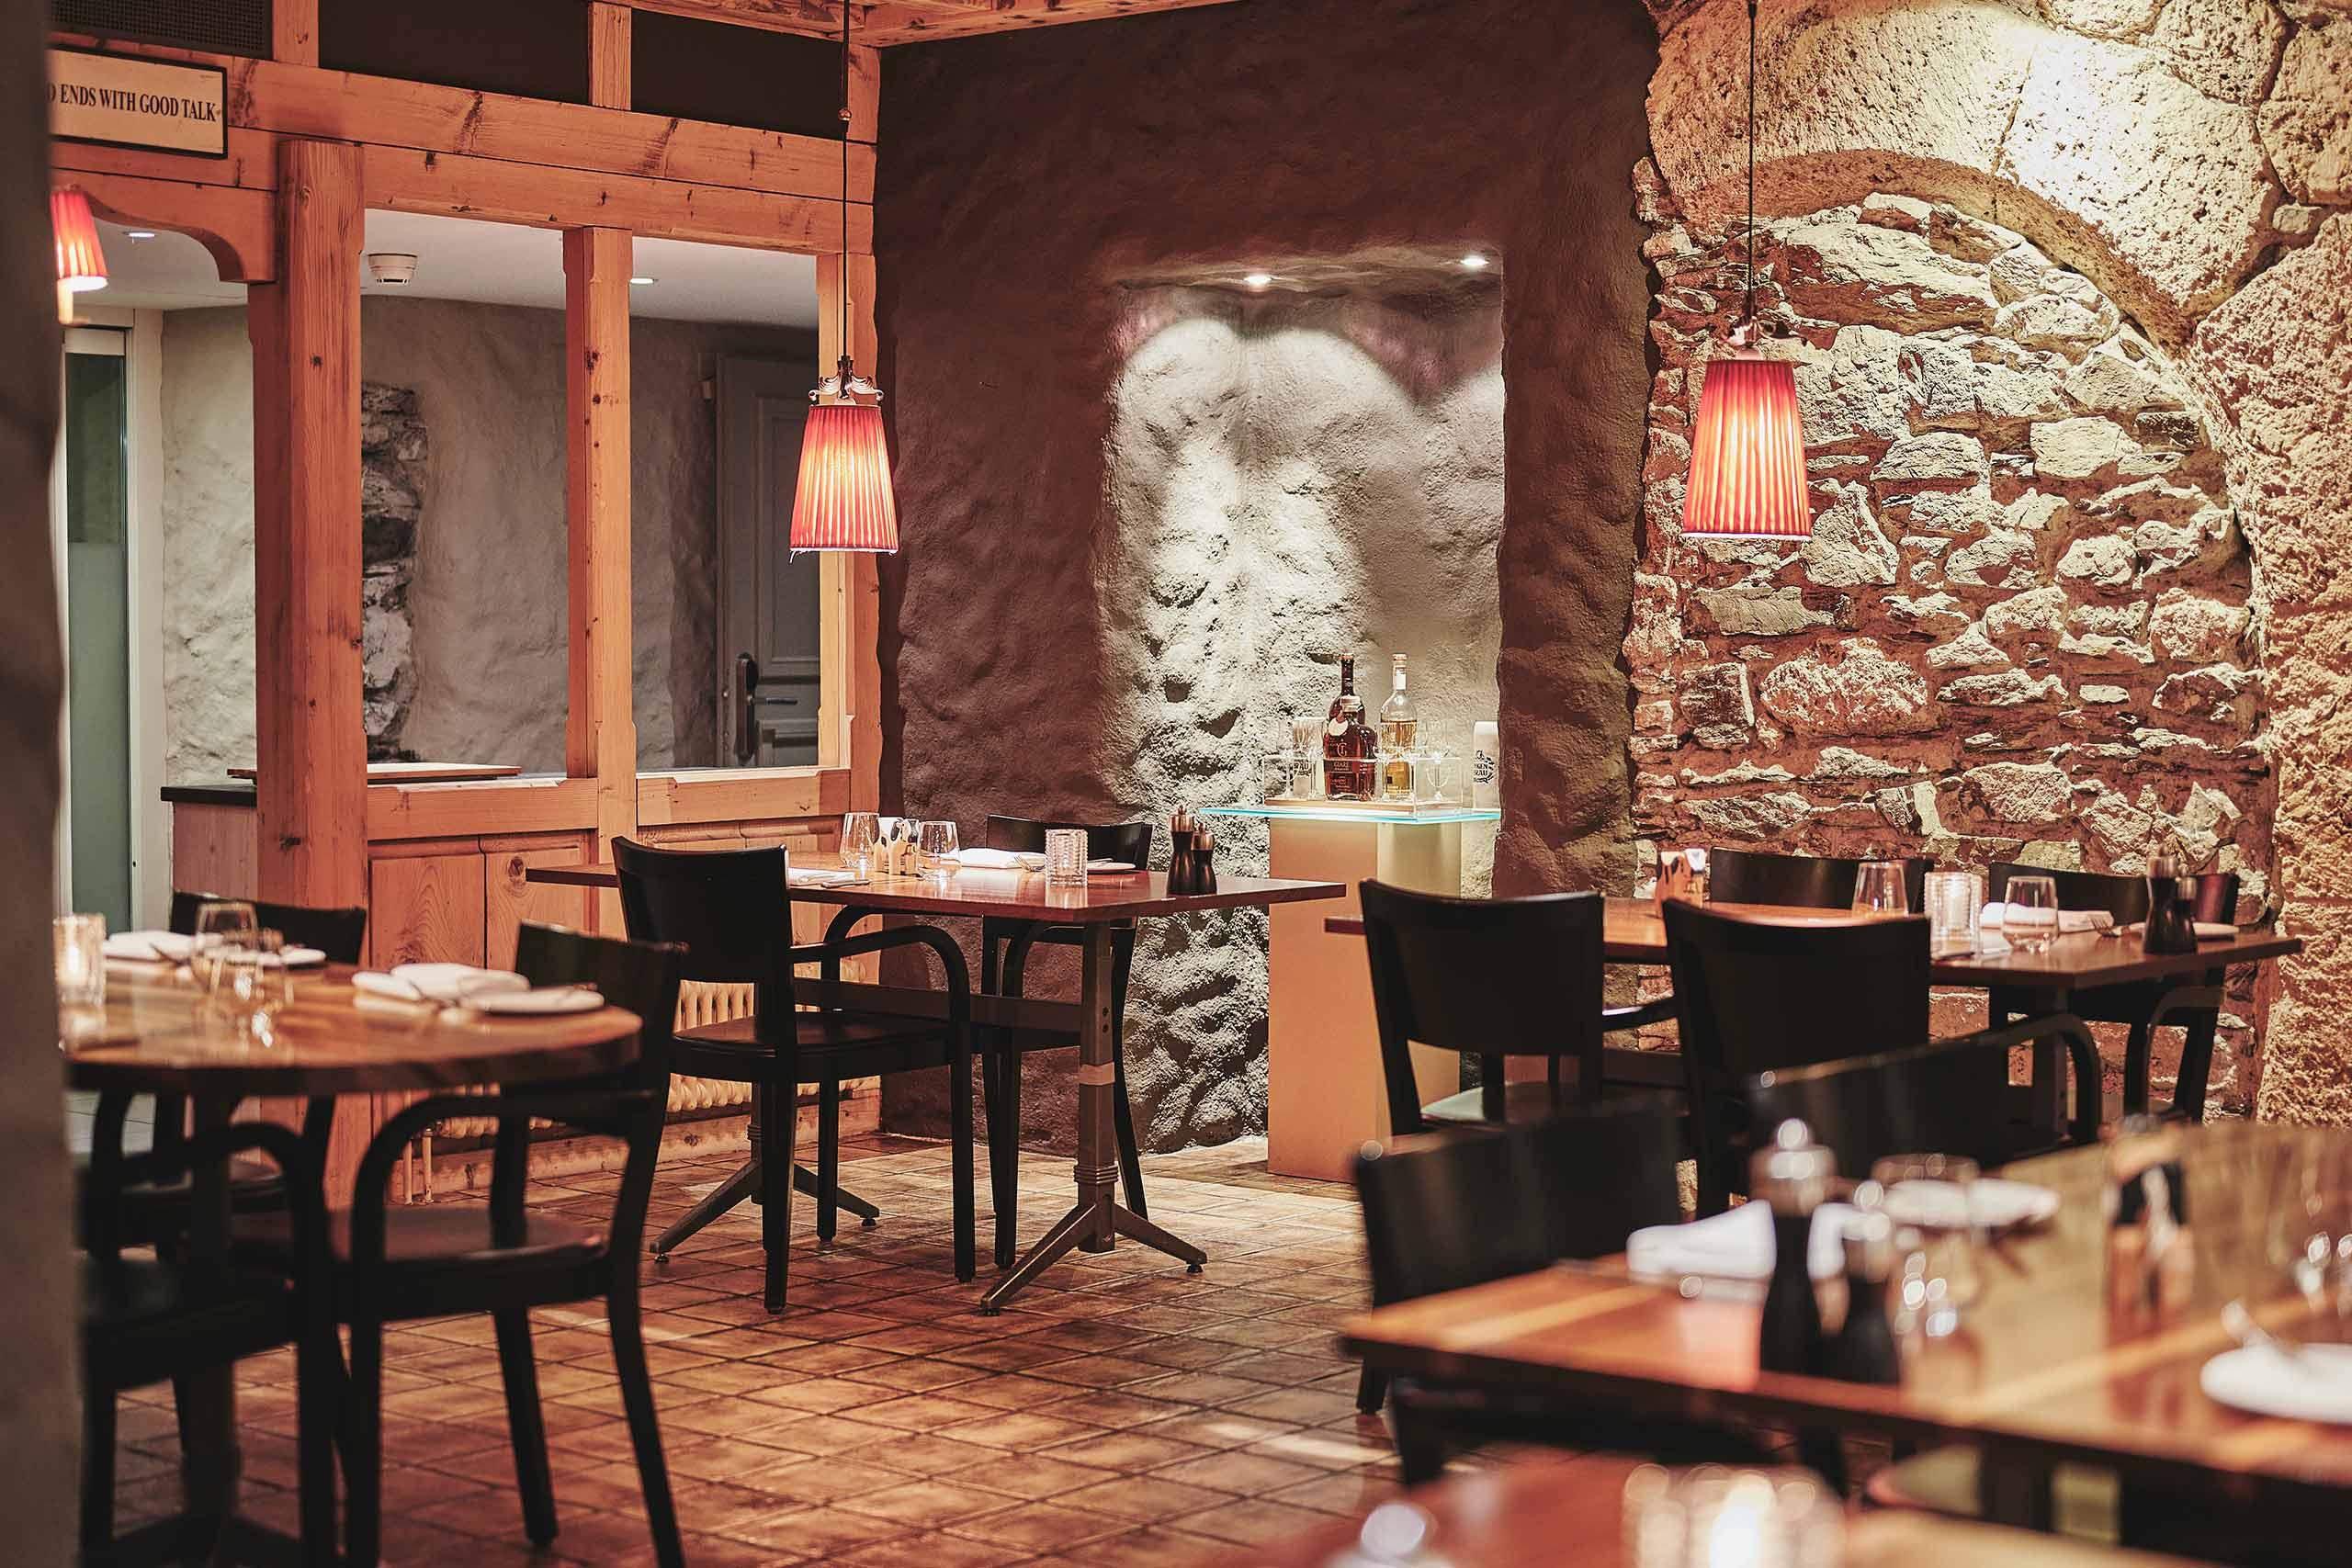 restaurant-taverne-hotel-interlaken-ambiente-raum-tische.jpg